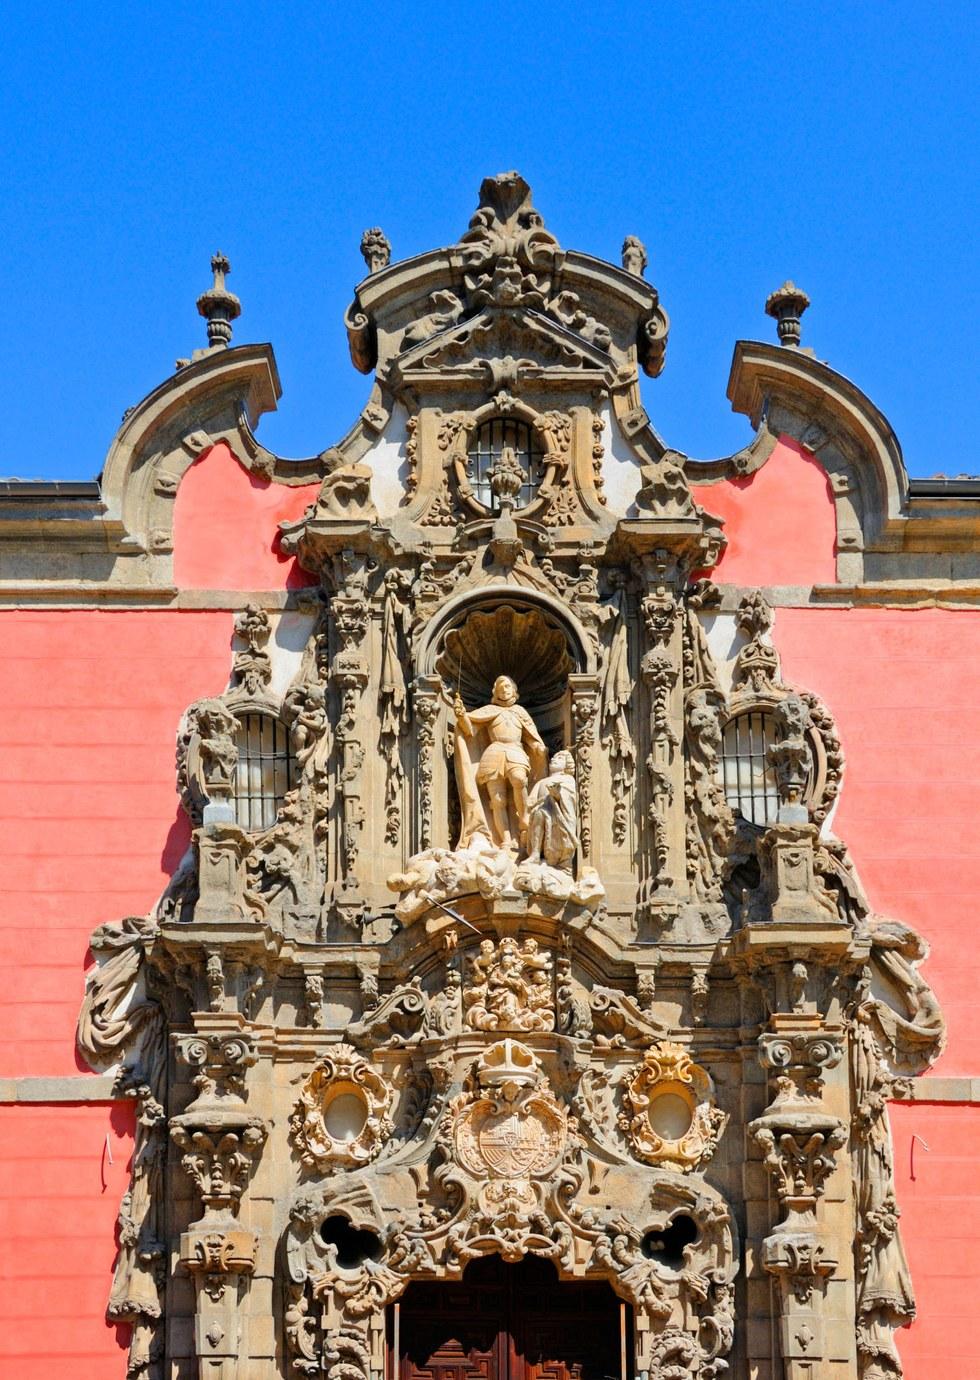 The Baroque entrance of the Museo de Historia